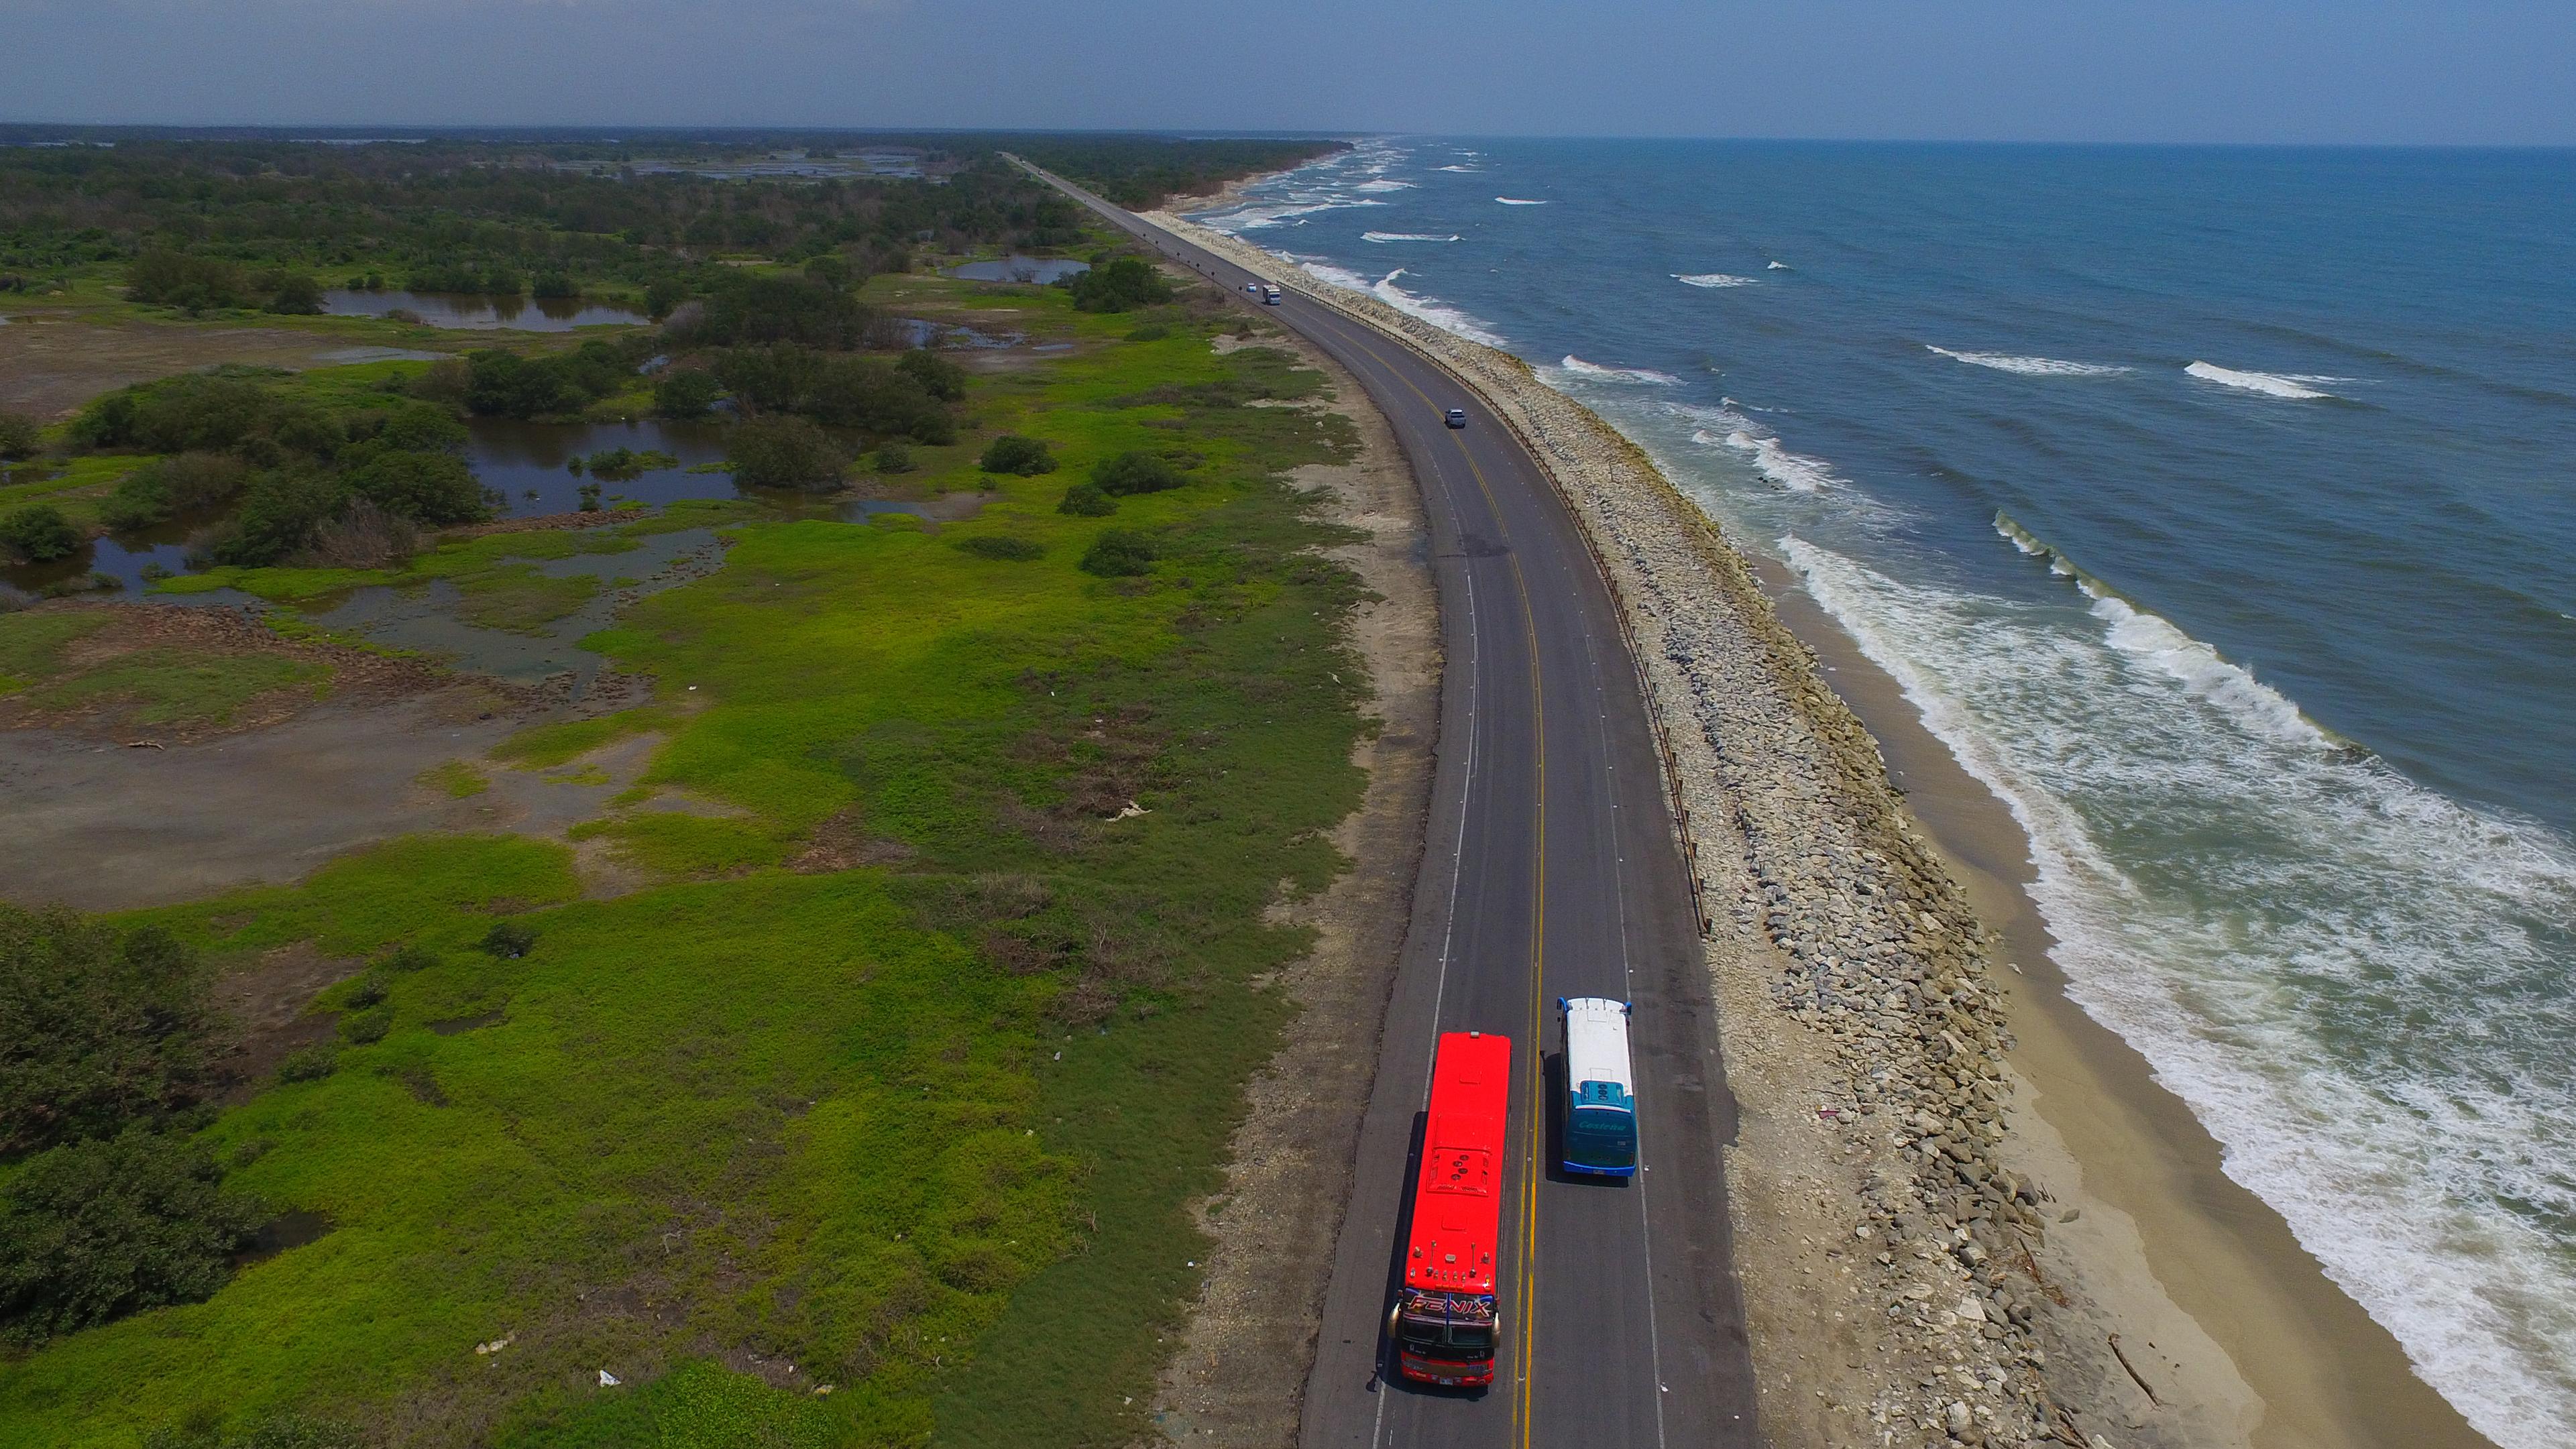 Imagen tomada con drone en el km 19 de la vía Barranquilla - Ciénaga, una de las zonas más afectadas por la erosión.